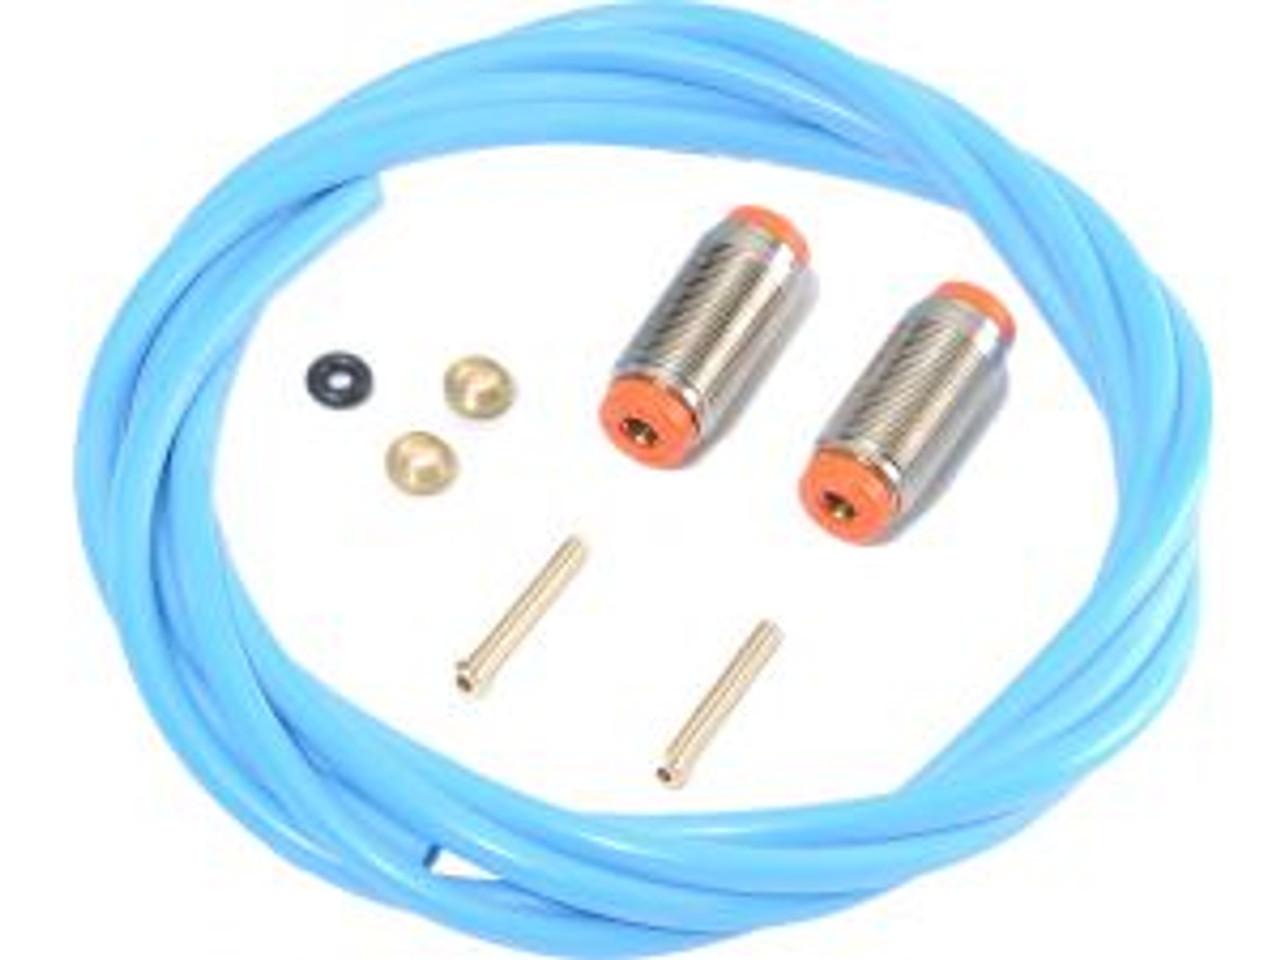 ARB ASK001 Air Line Repair Kit for ARB Air Lockers